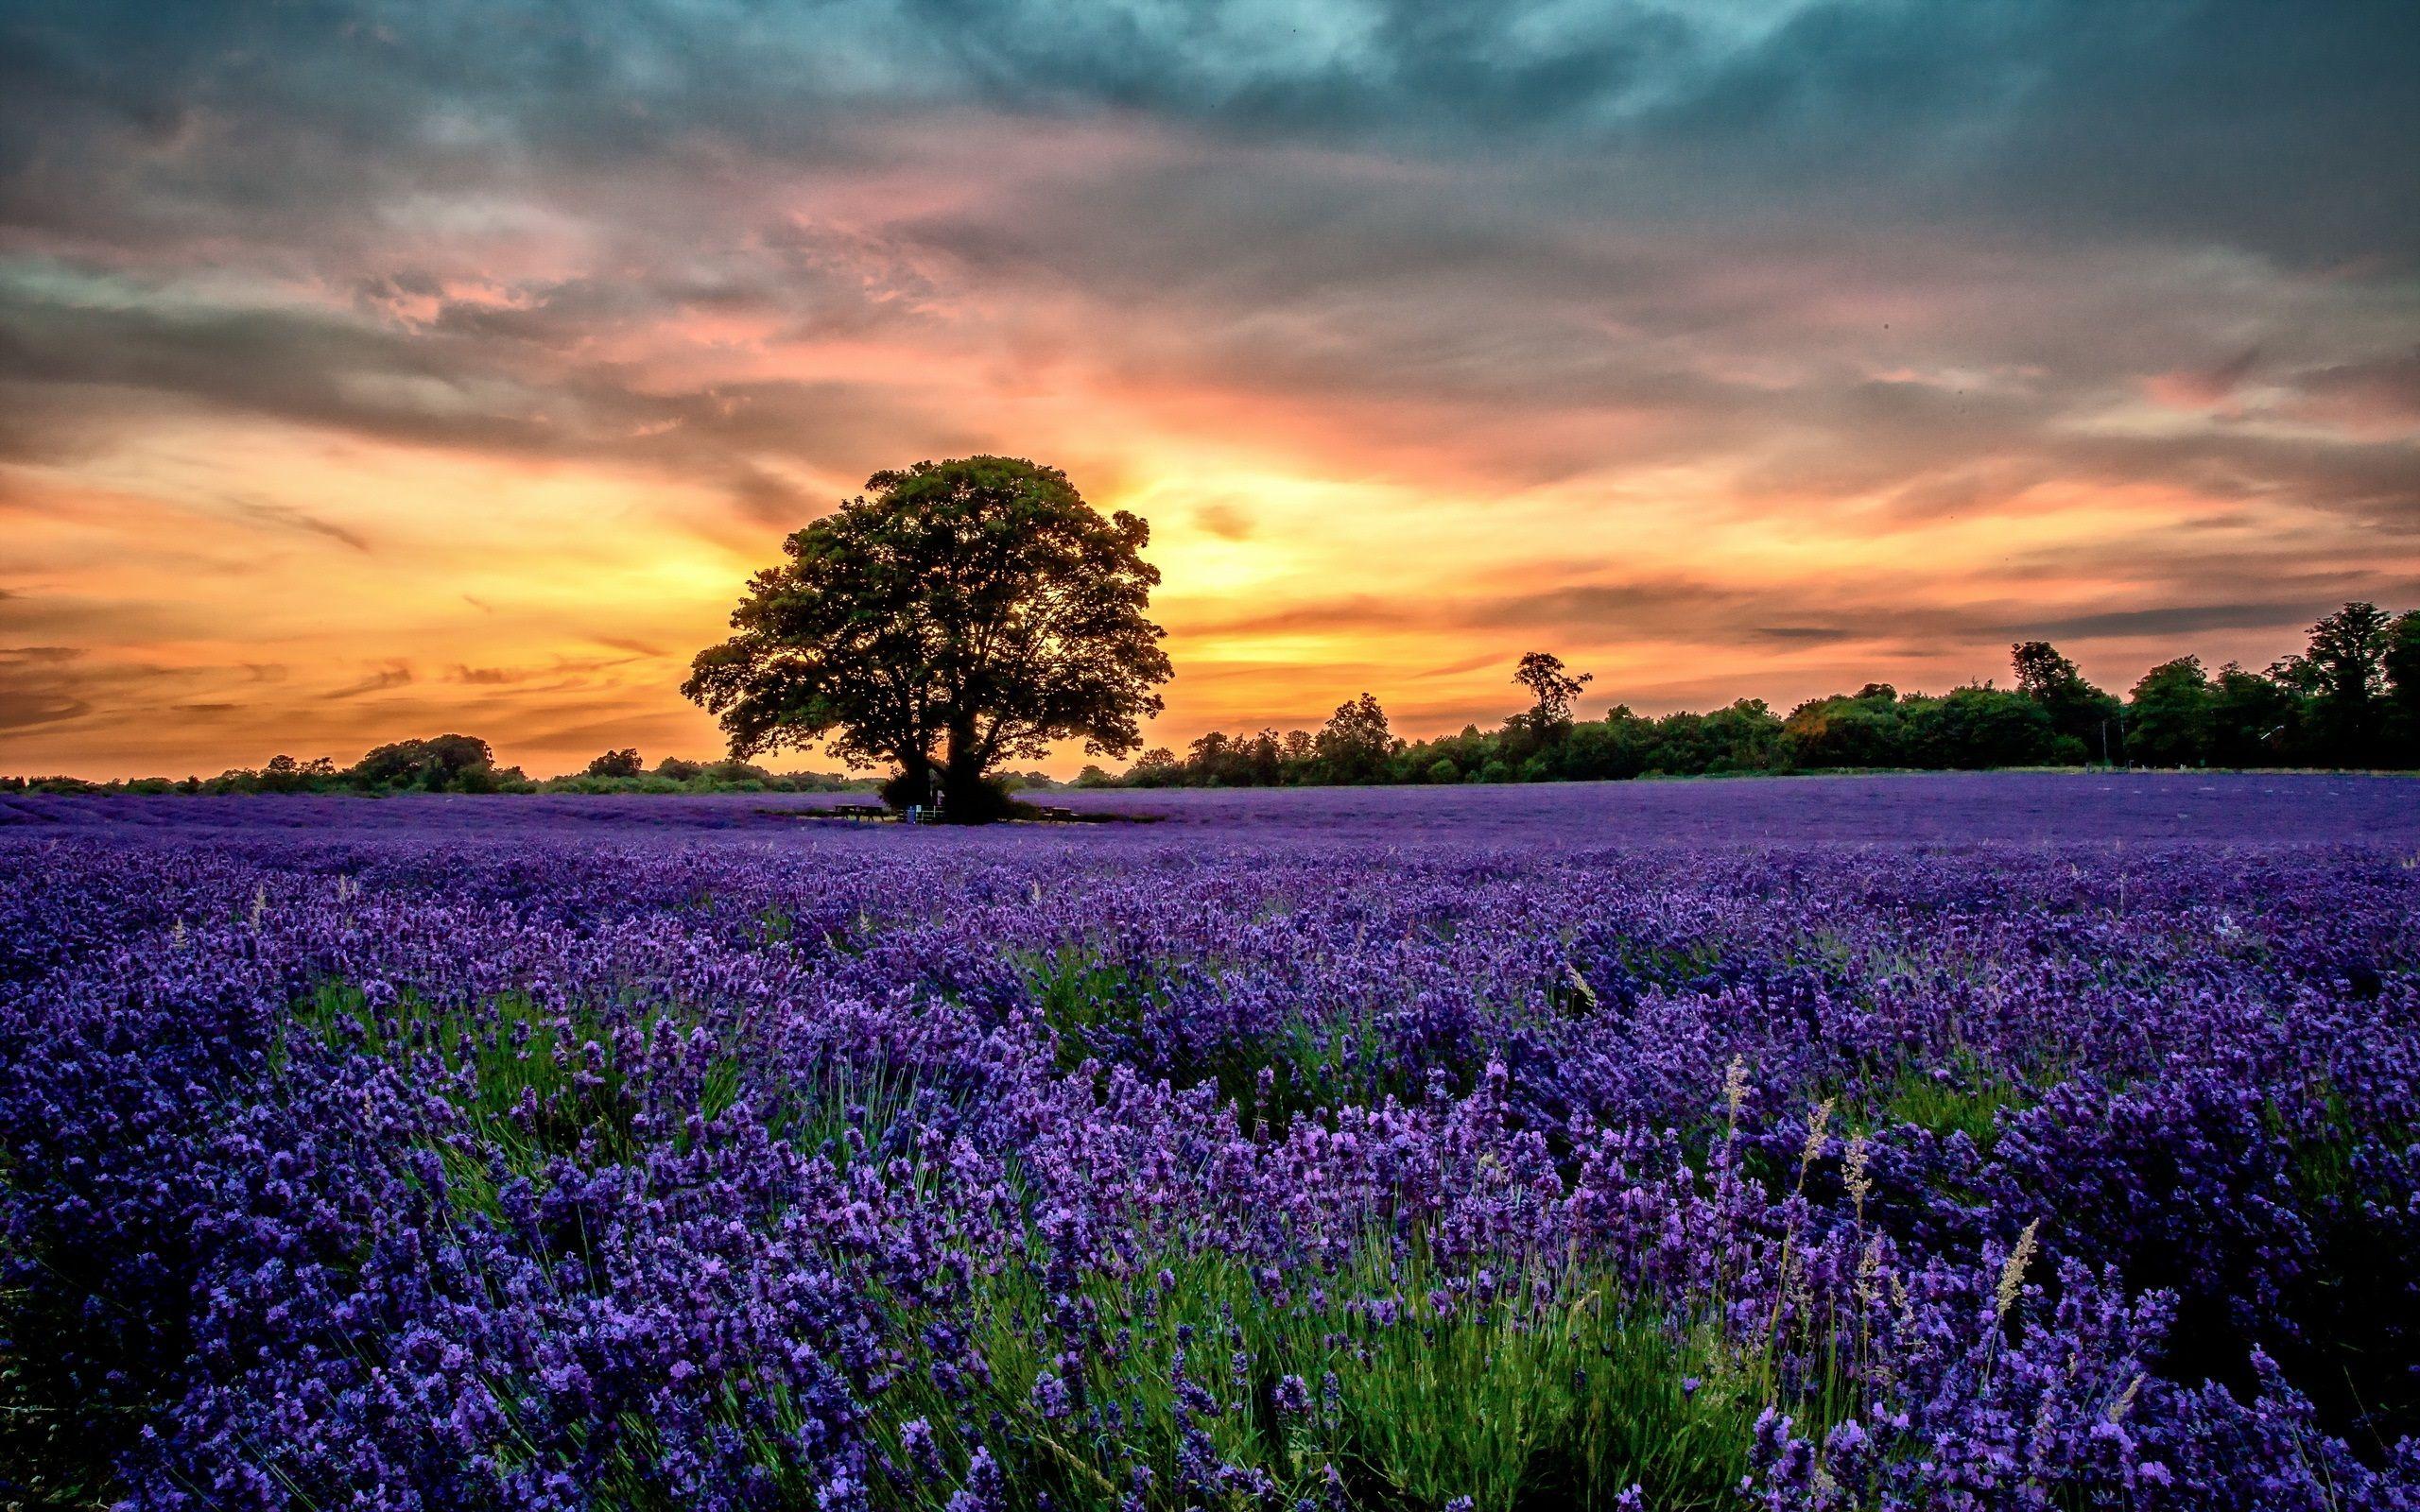 紫色のラベンダー畑 風景 夕焼け 花 壁紙 2560x1600 ラベンダー畑 風景 デスクトップの背景